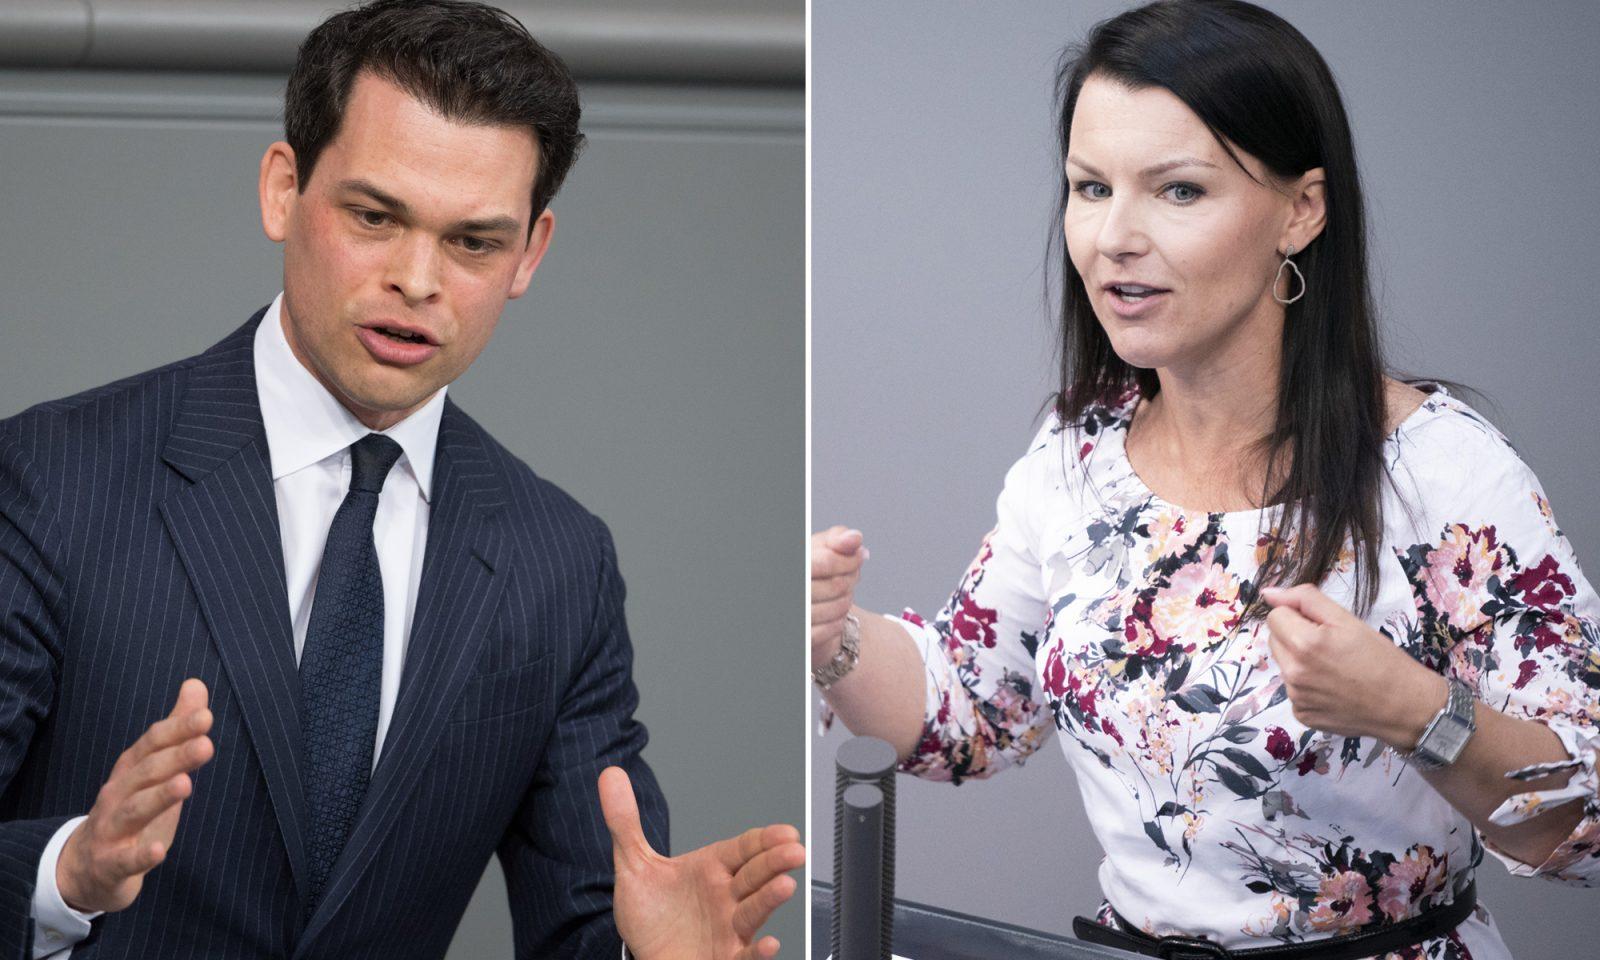 Christoph Ploß und Jana Schimke (beide CDU): Stellen sich gegen Frauenquote Foto: picture alliance / Soeren Stache/dpa / JF-Montage